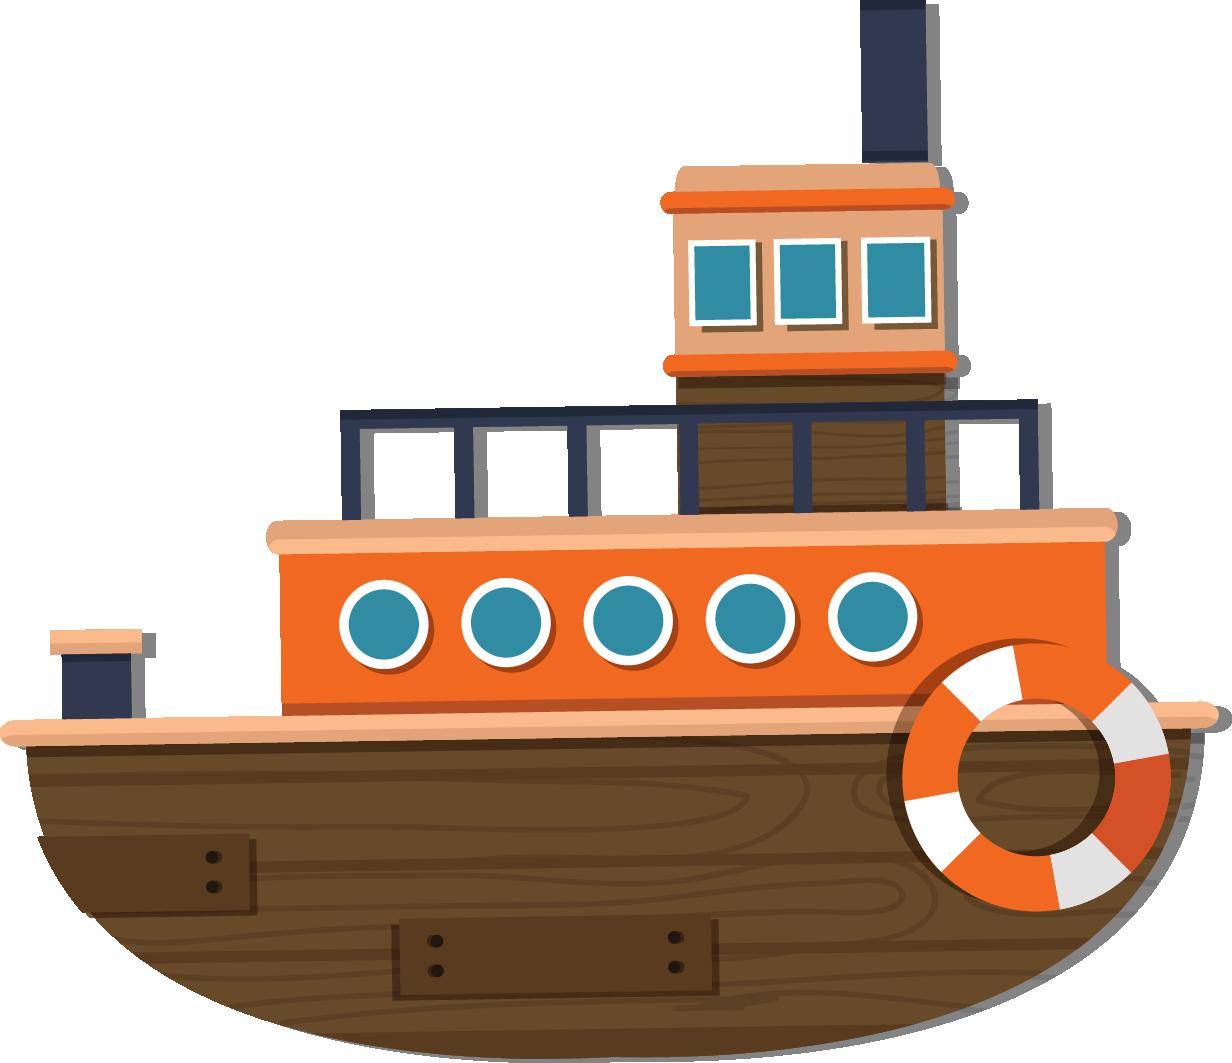 Watercraft cartoon transprent png. Cruise clipart steam ship